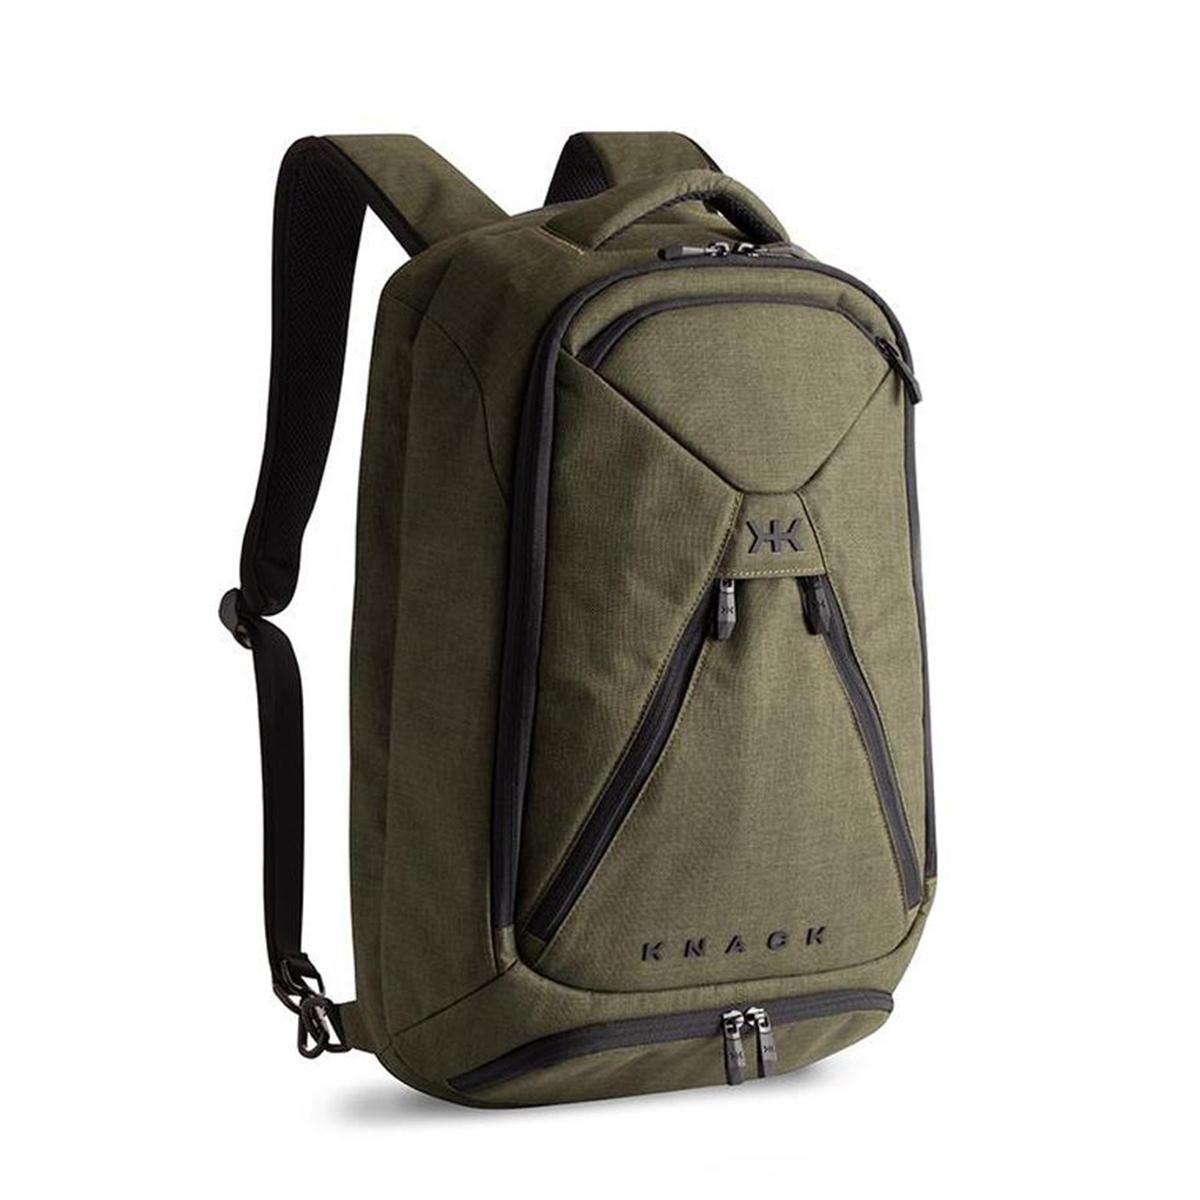 Knack-Pack-Green.jpg?mtime=20190509130038#asset:105766